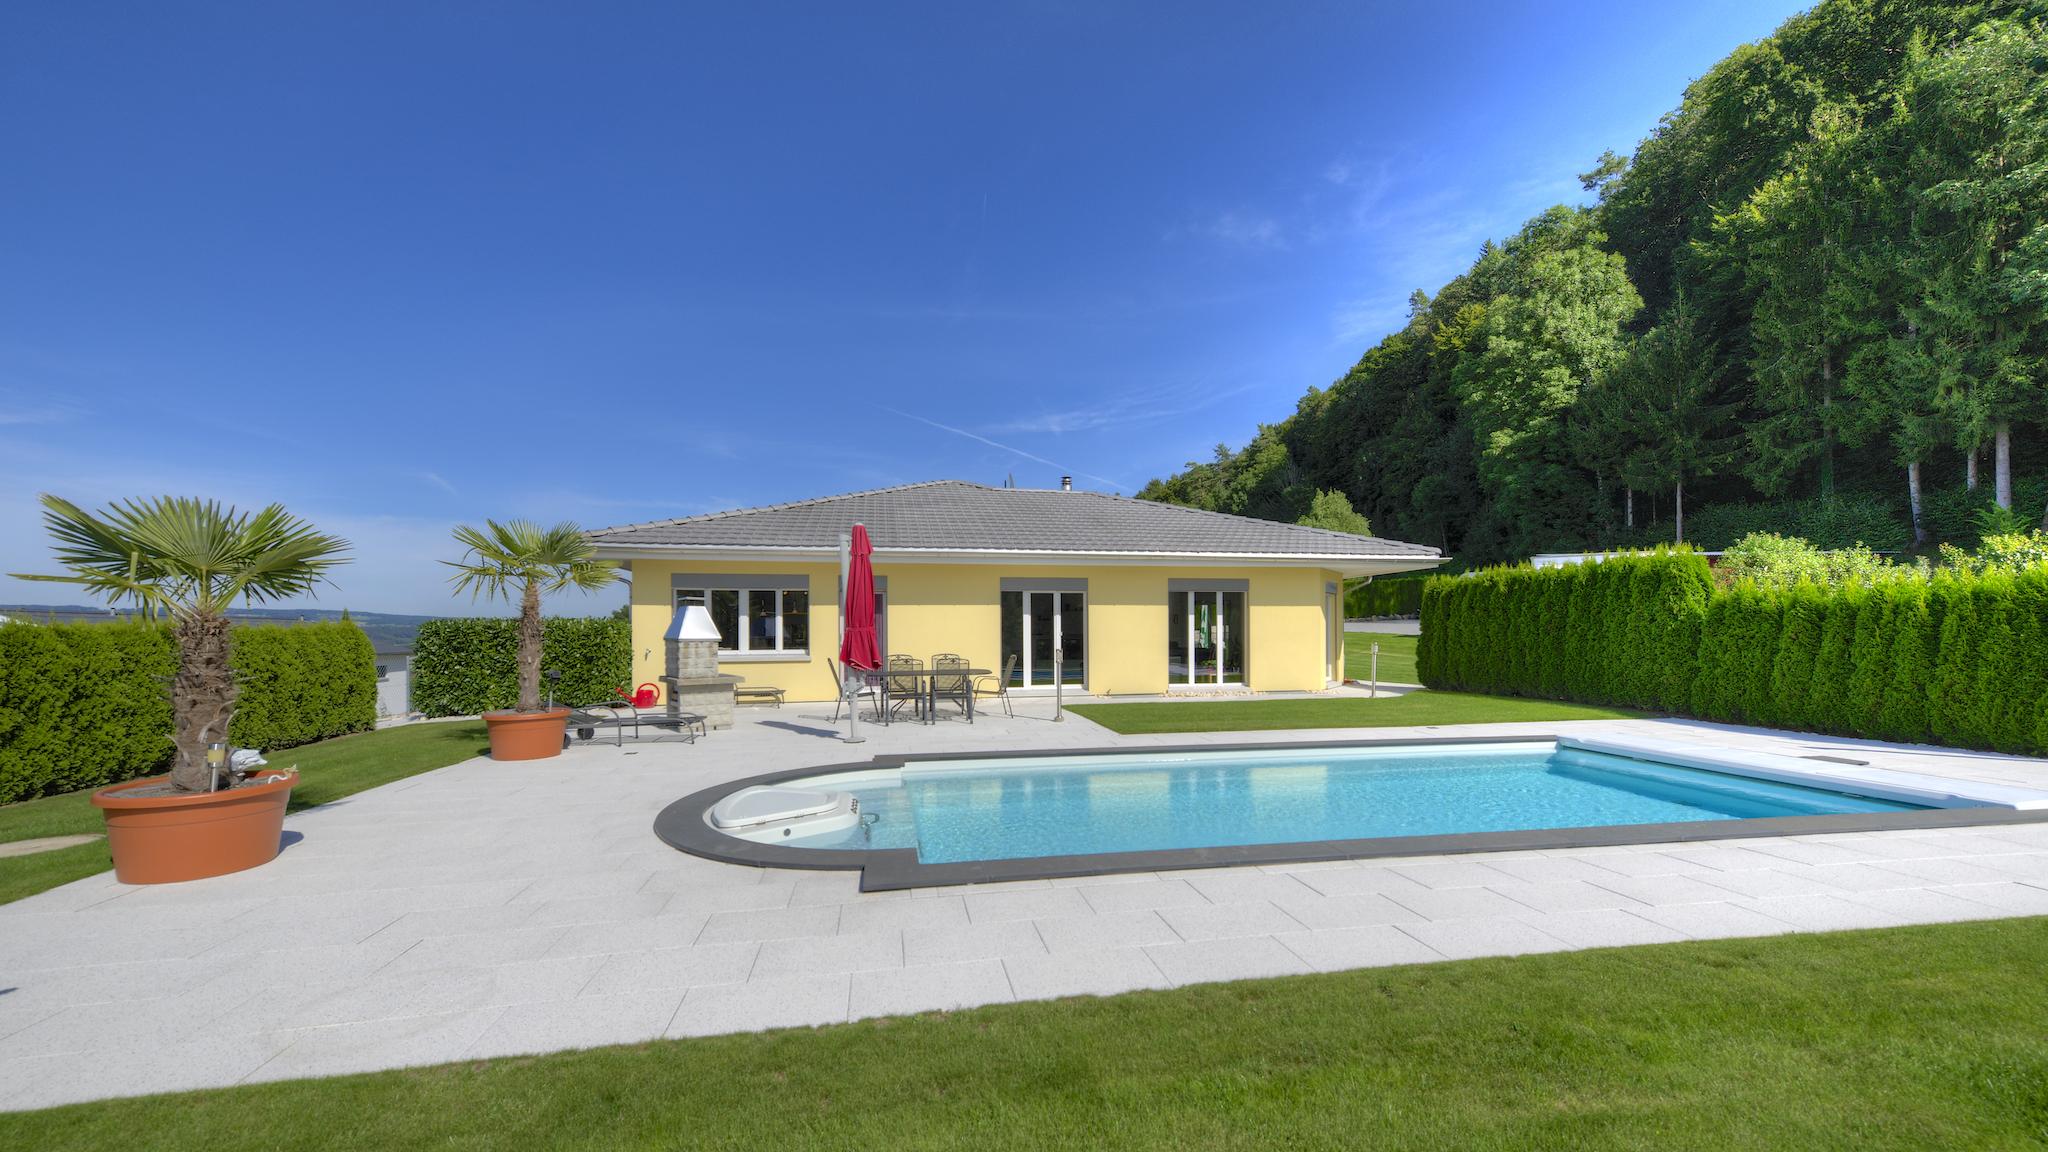 Die Villa mit dem Pool